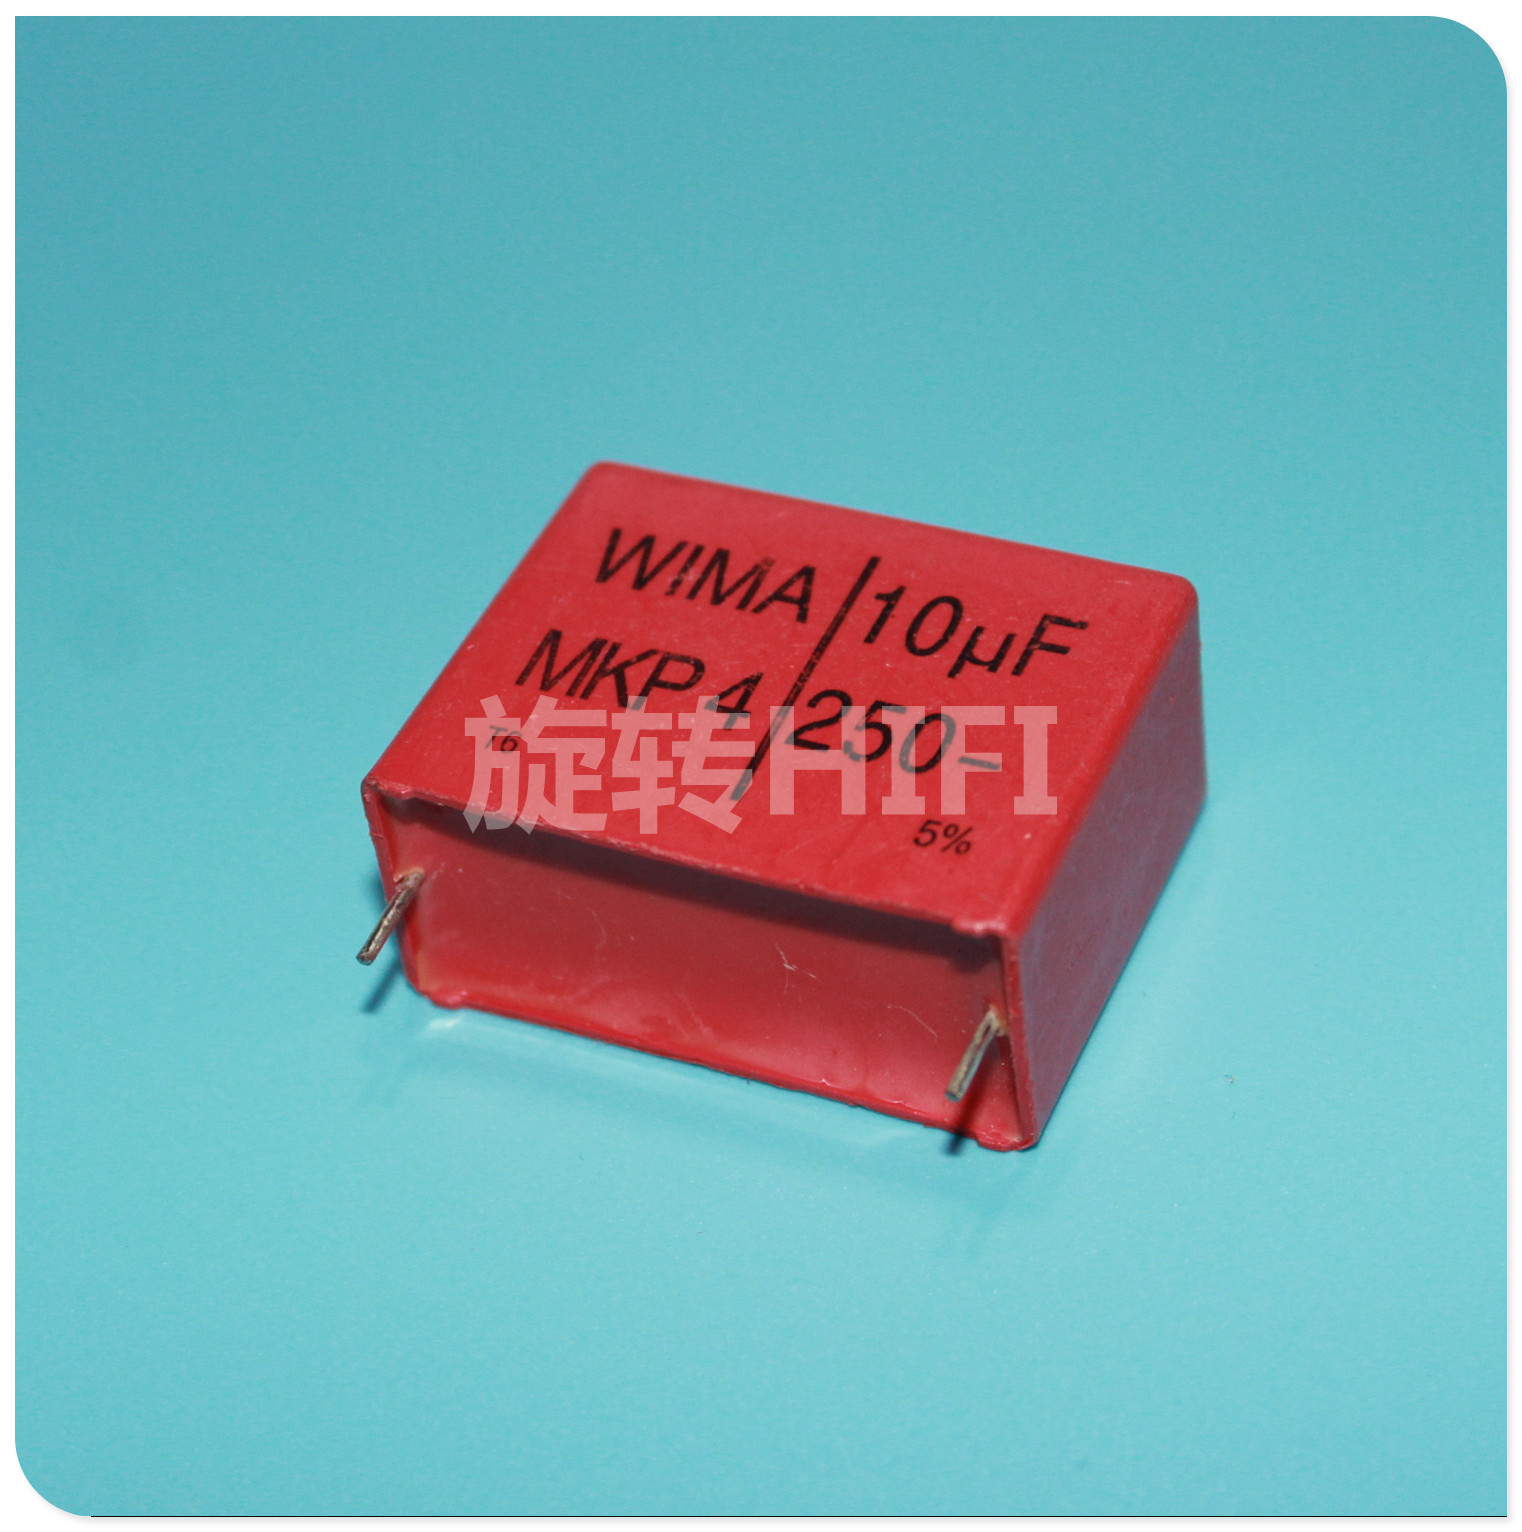 WIMA MKS4 MP 2 PCS PET Capacitor 1uF//400VDC